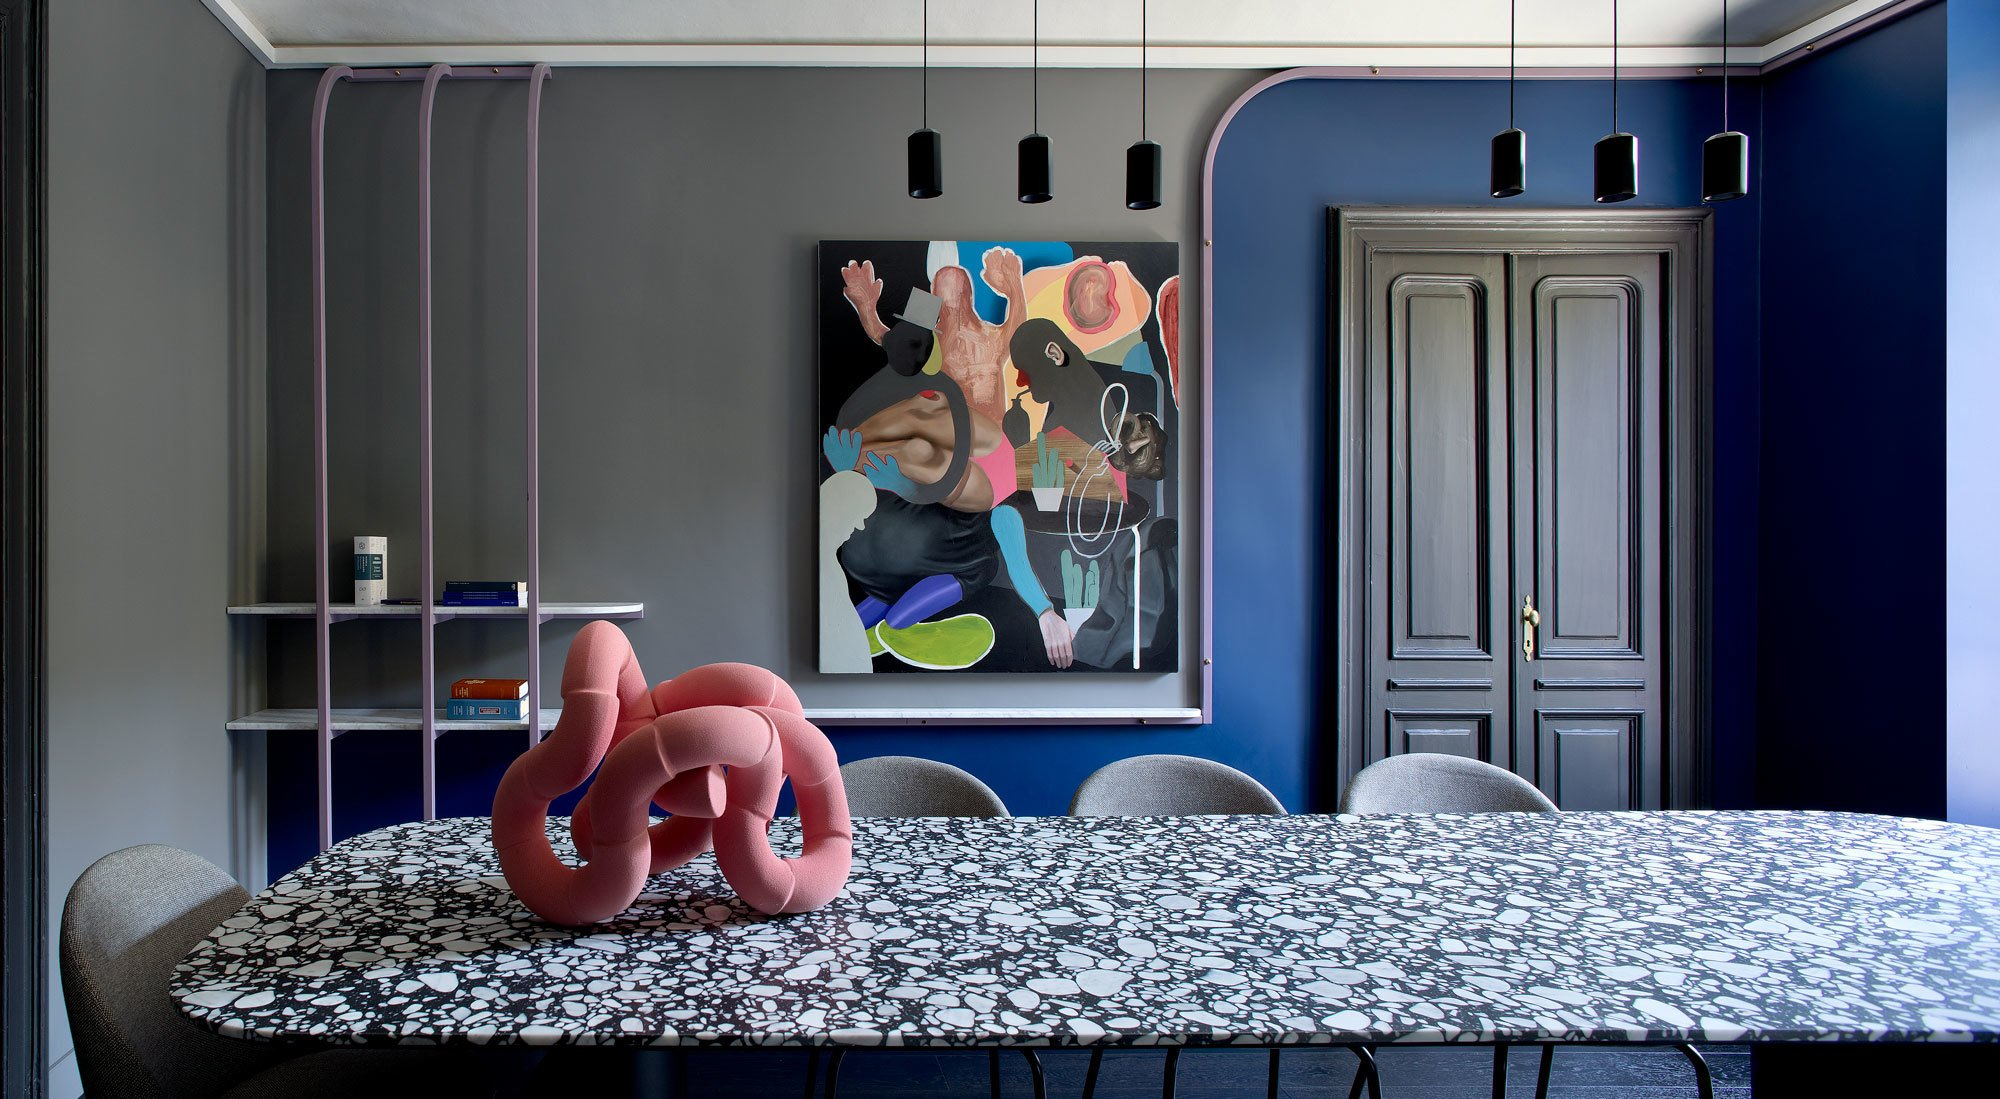 Das Architektenduo SCEG hat in Turin eine avantgardistisch farbintensive Anwaltskanzlei entworfen, die surrealer wirkt als so manches Filmset.